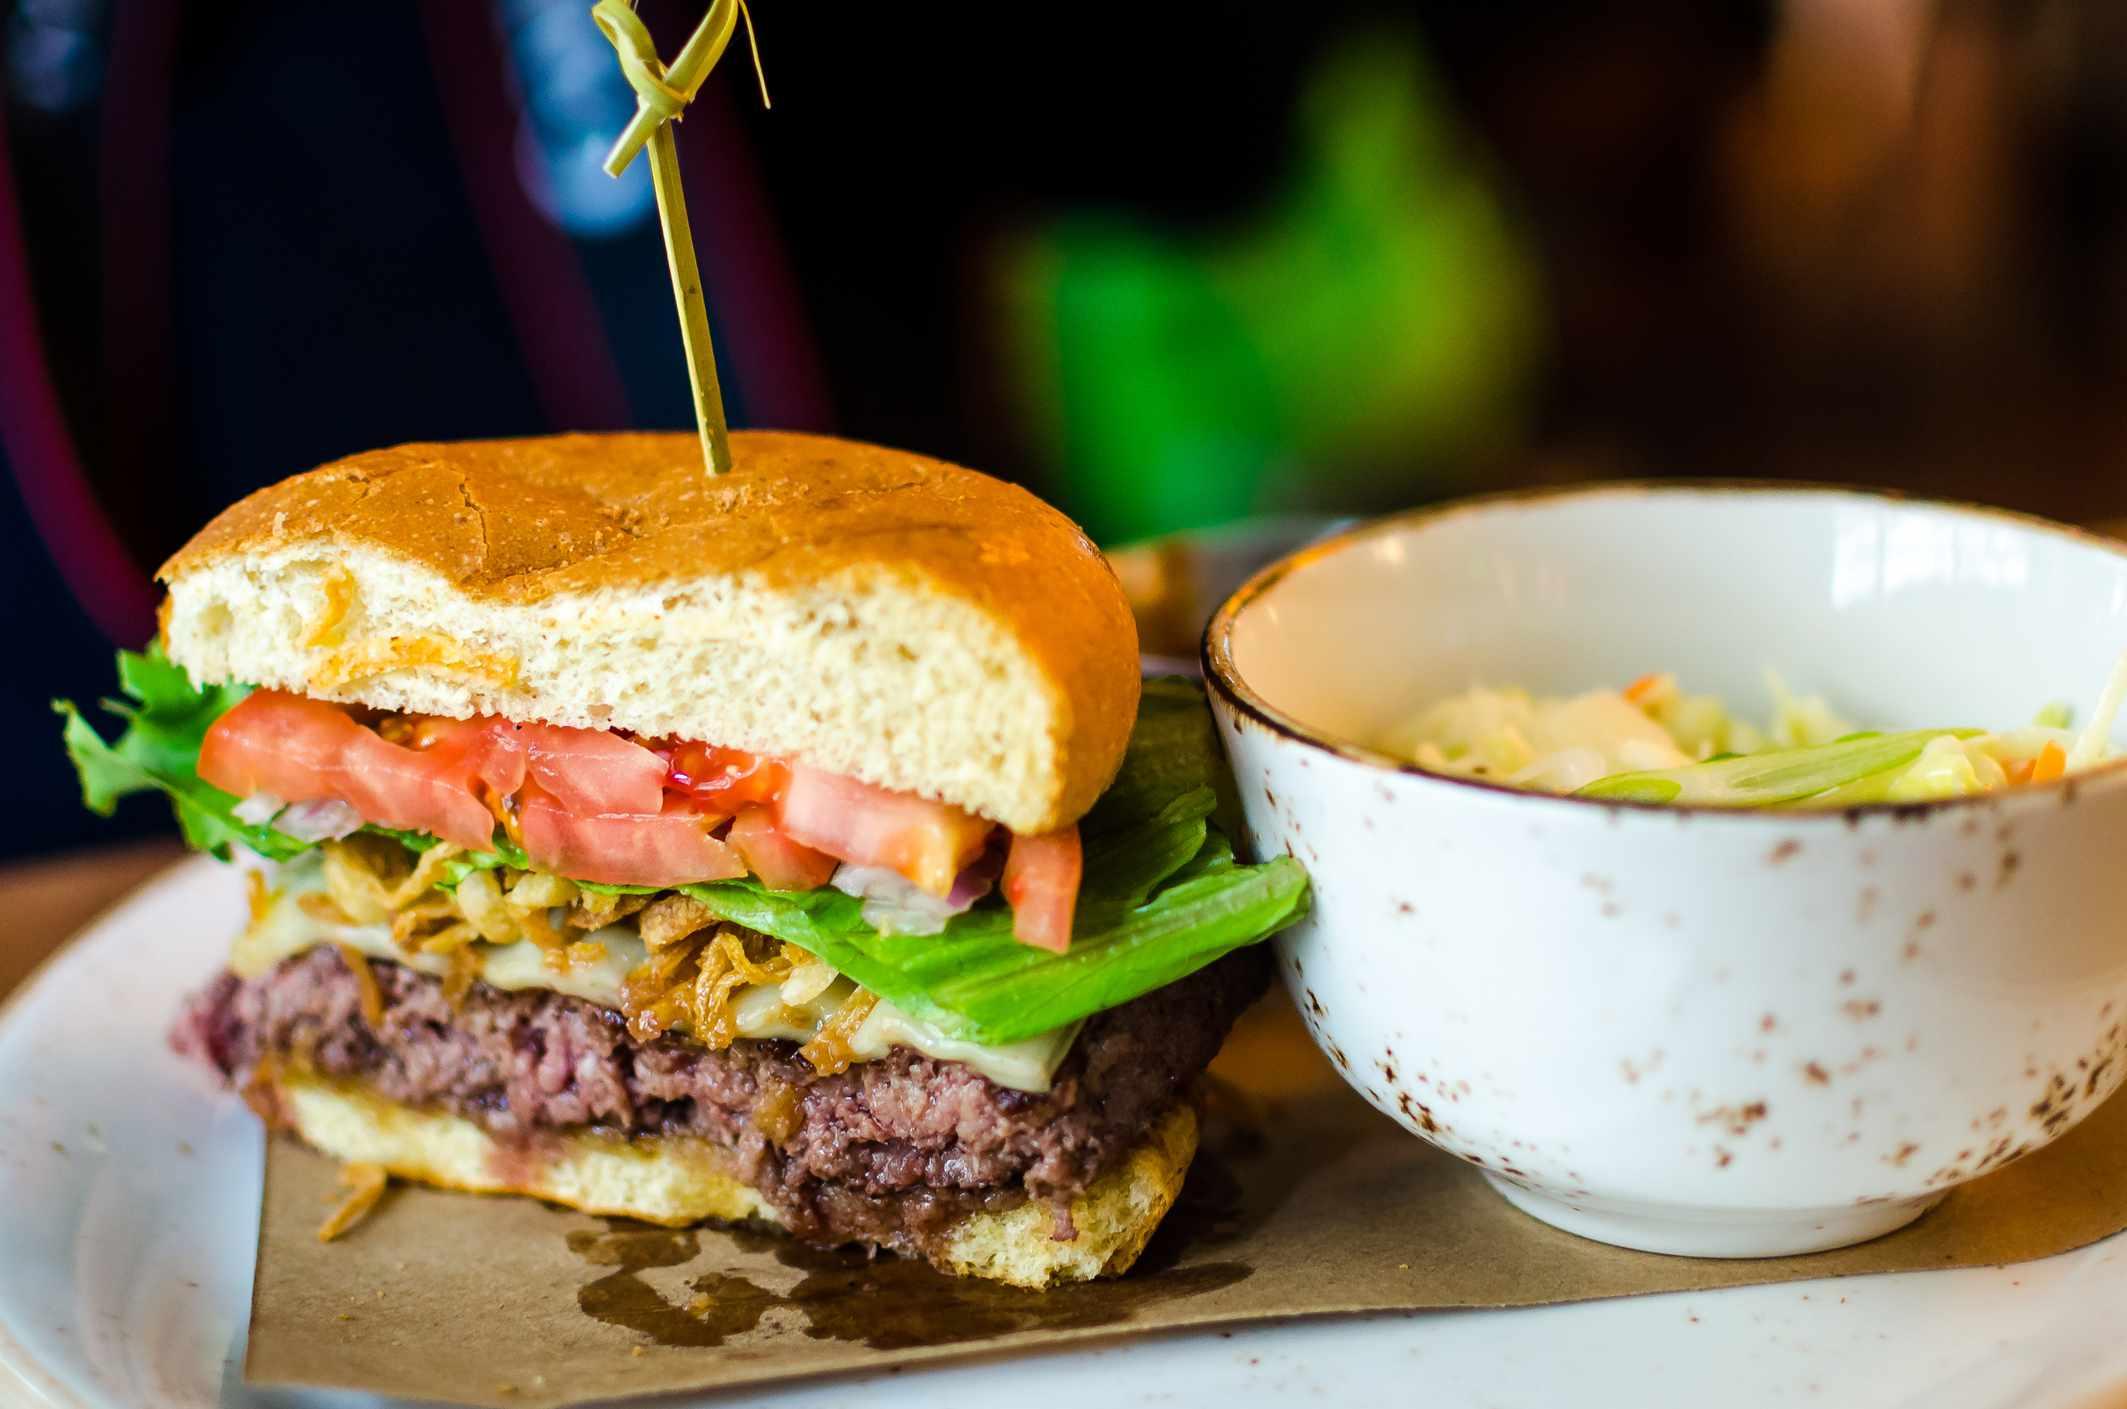 media hamburguesa de bisonte con un plato de ensalada de col al lado